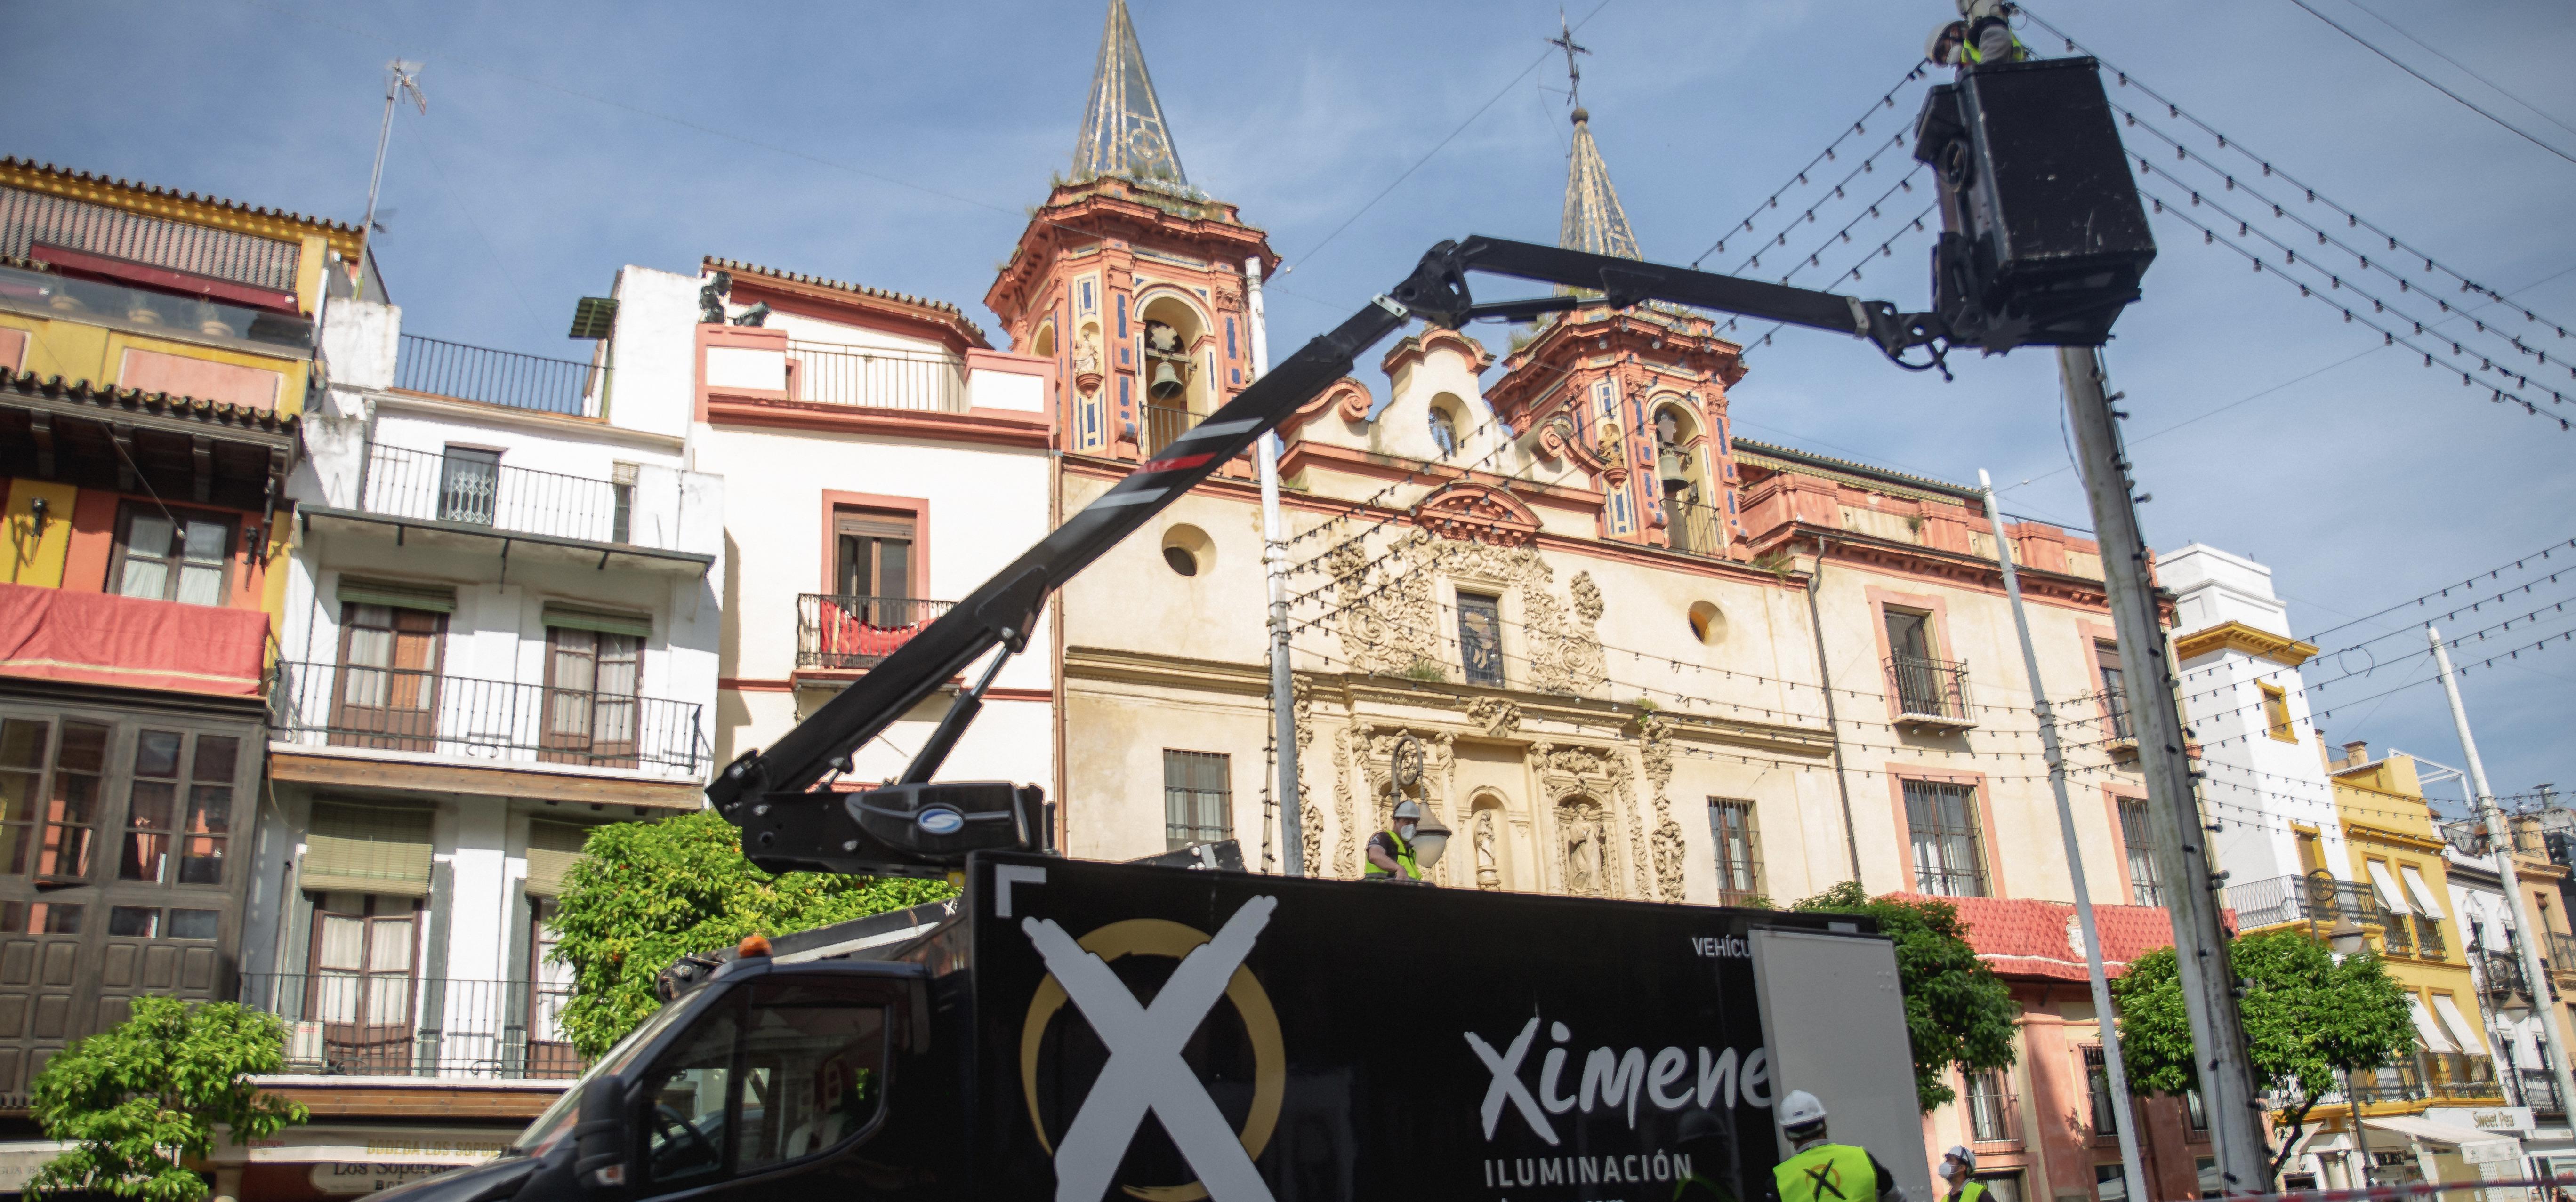 Ximenez ya ha iniciado los trabajos de montaje del alumbrado y decorado simbólico que la ciudad de Sevilla lucirá en los días en los que la Feria.